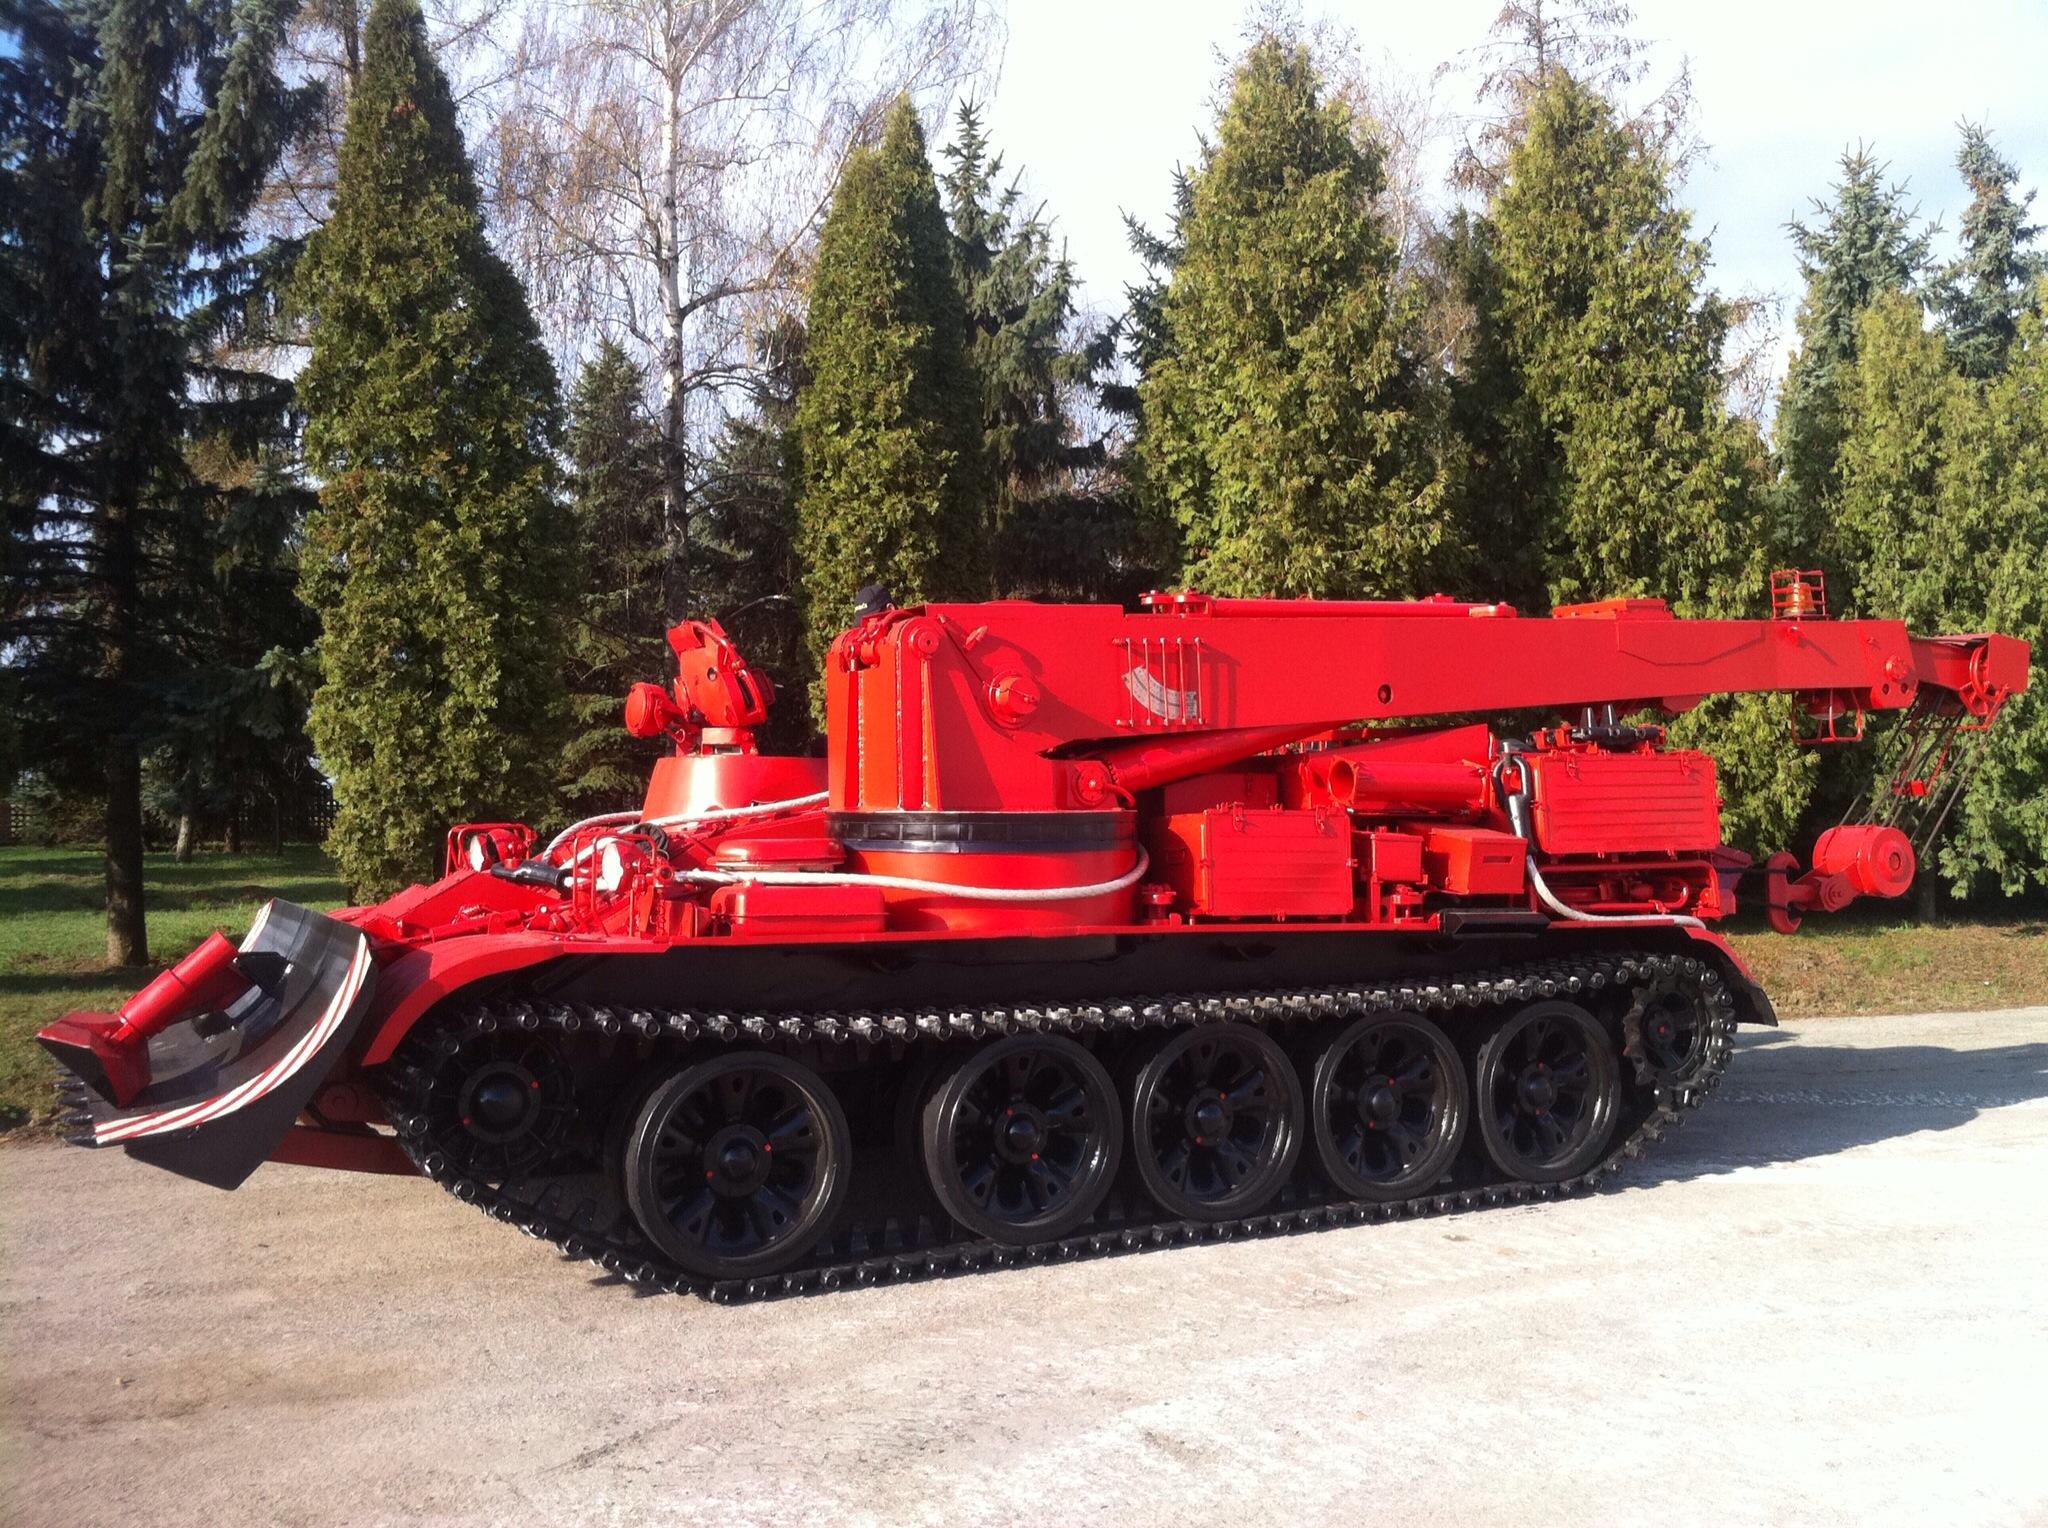 unikátny hasičský vyprošťovací buldozérový tank JVBT